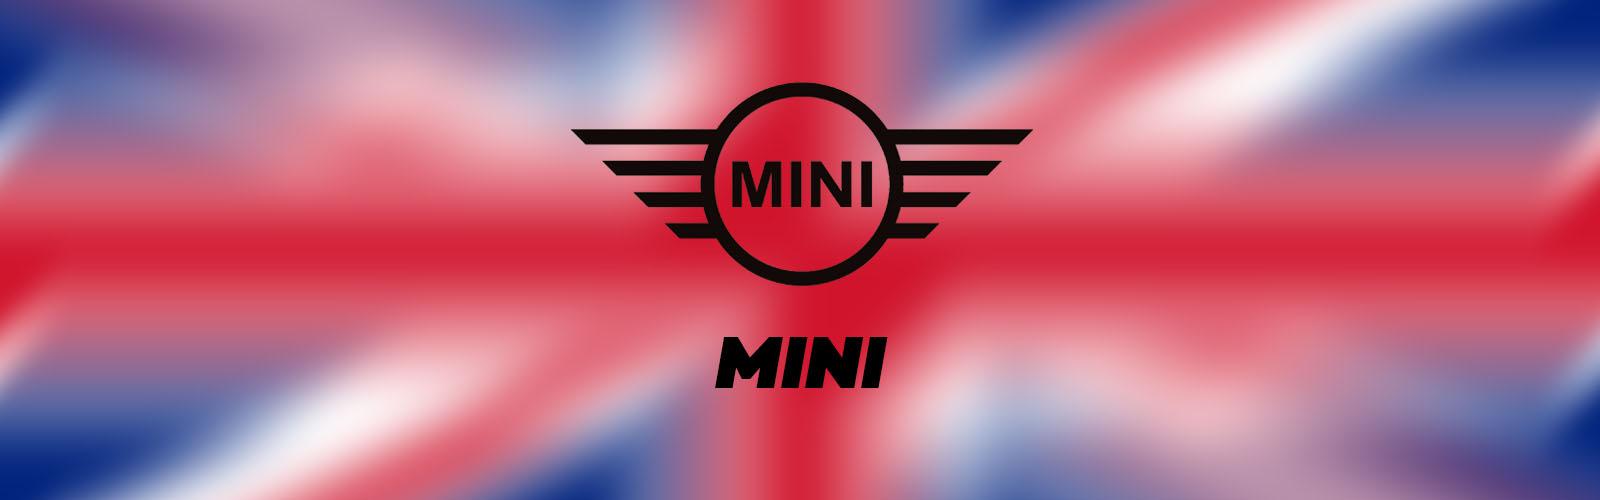 mini logo marque